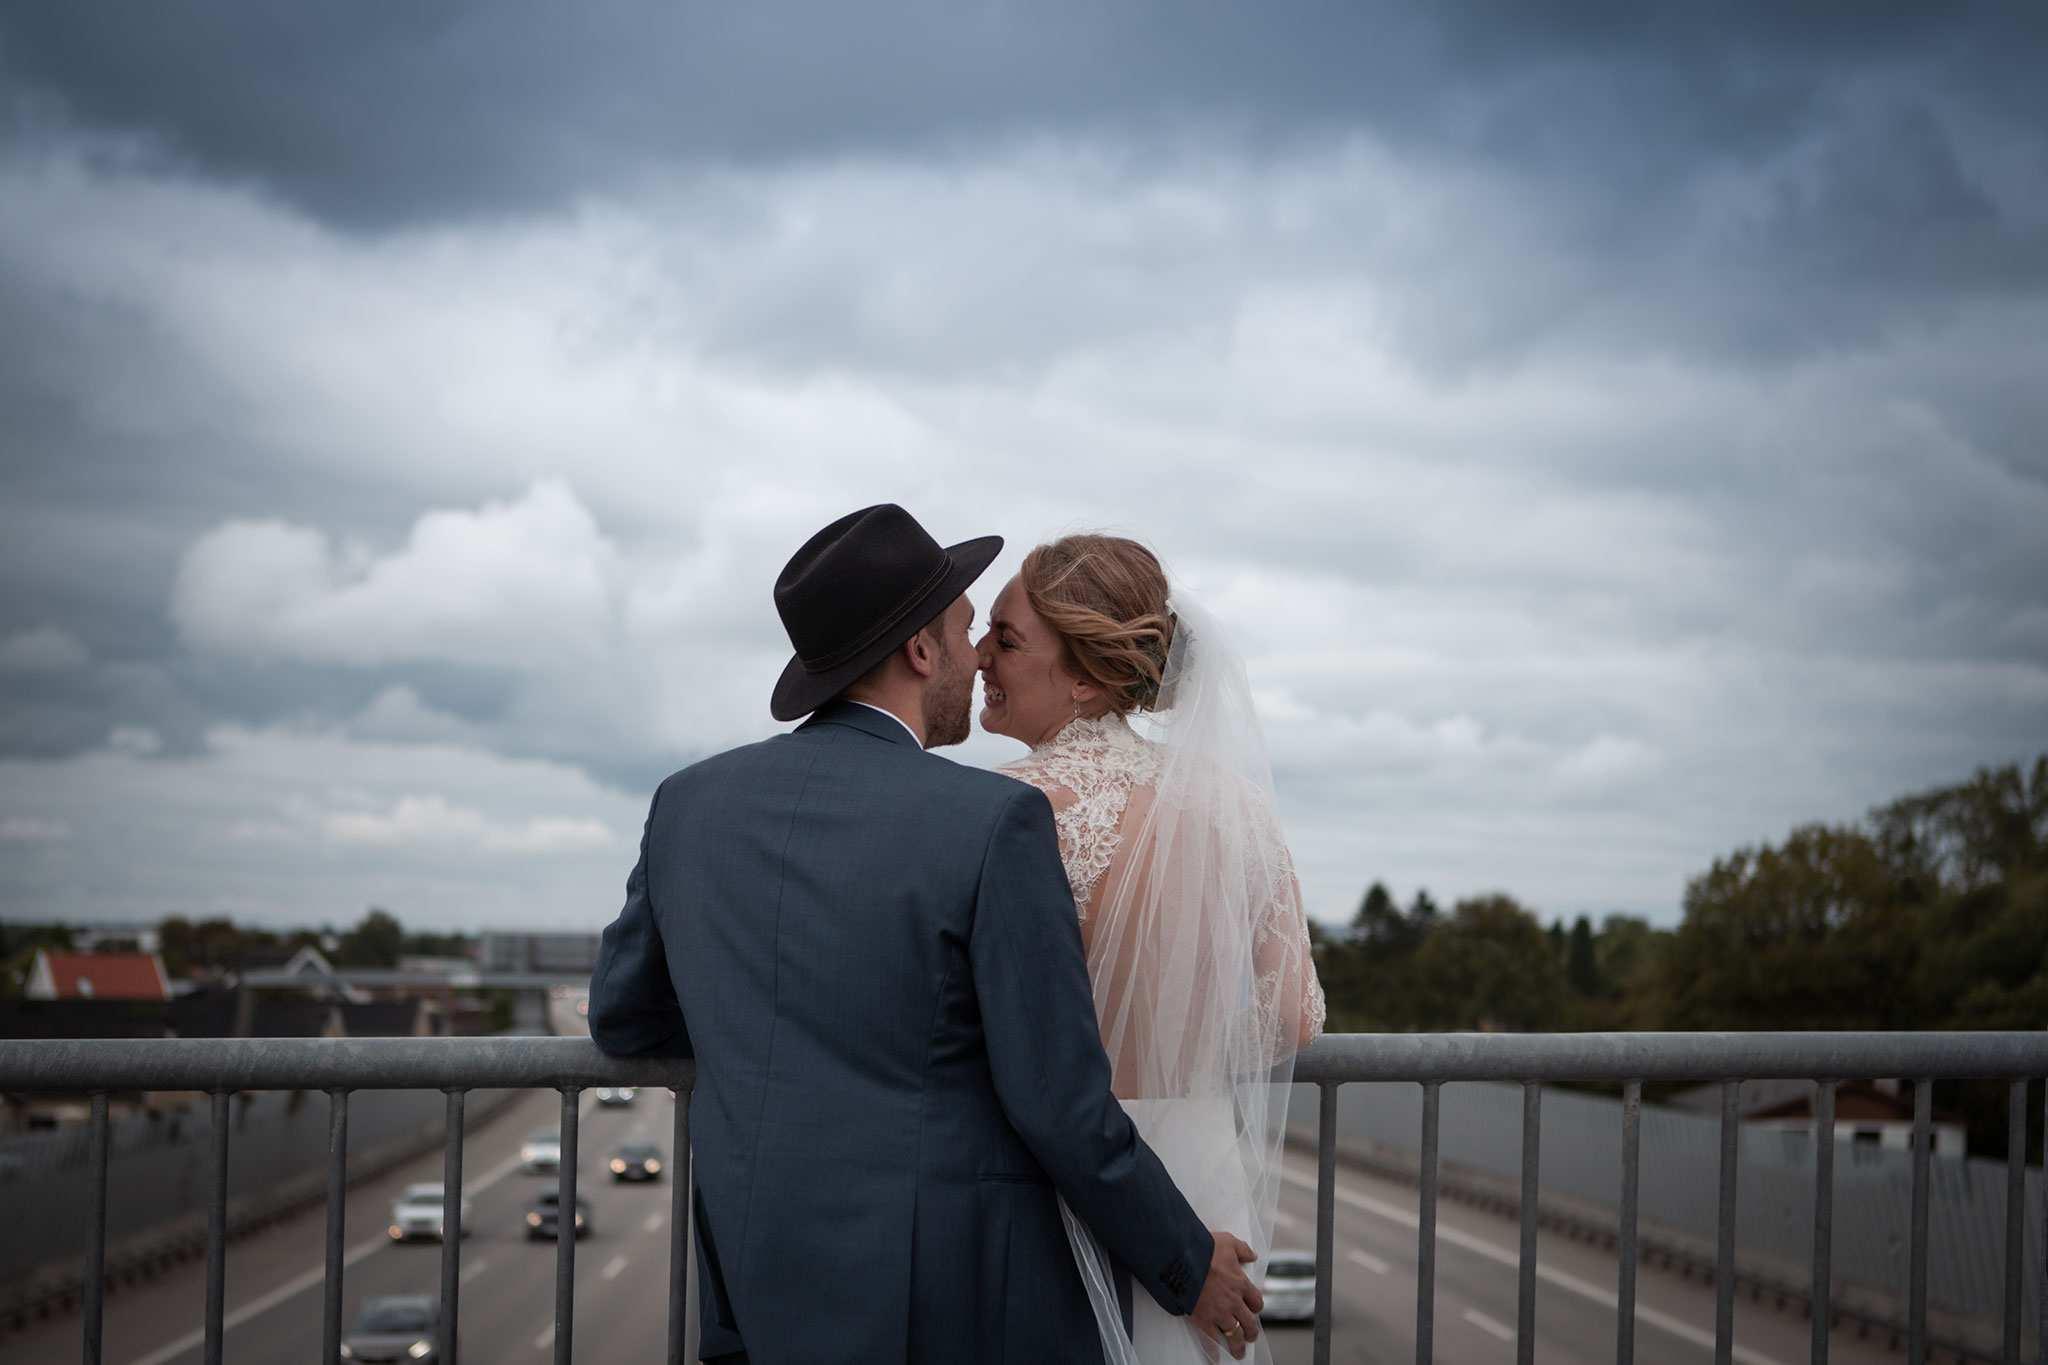 mads_eneqvist_weddings_by_me_bryllupsbilleder_forside_2_compressed Forside